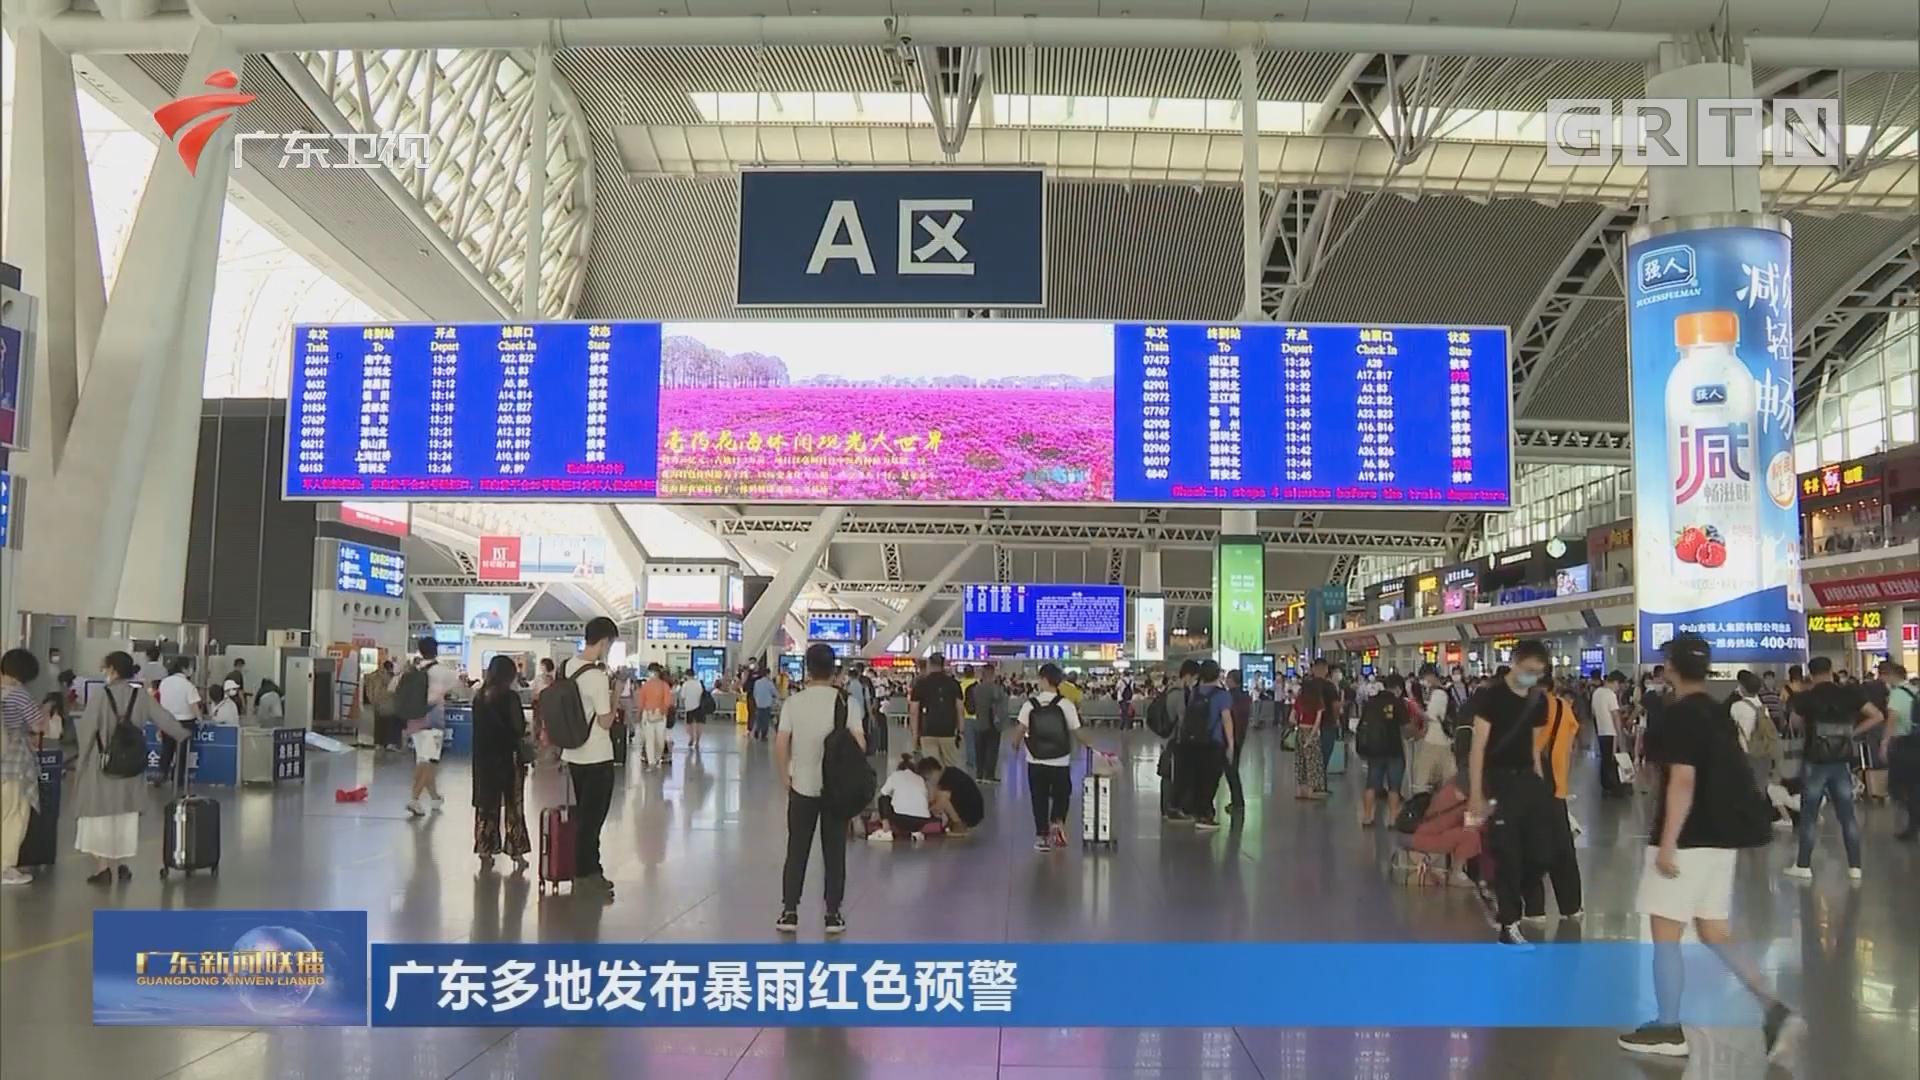 广东多地发布暴雨红色预警